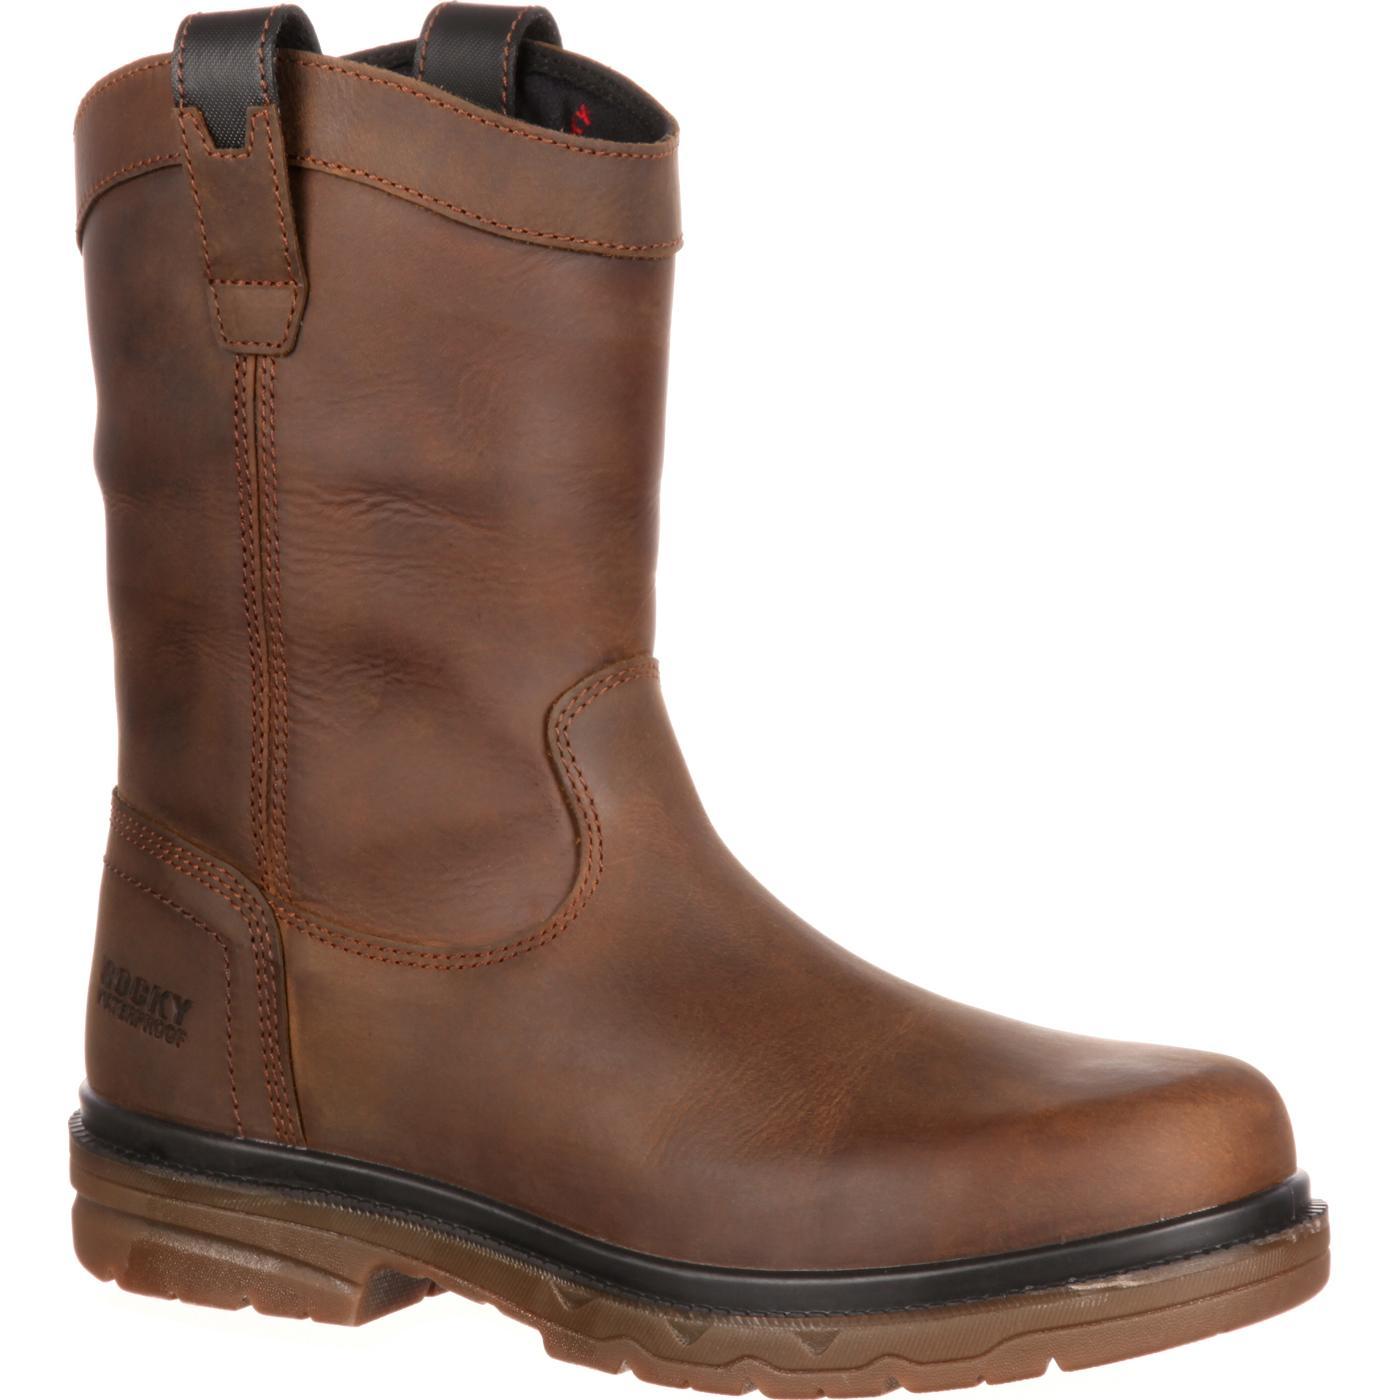 ccd58f13fc5 Rocky Elements Shale Steel Toe Waterproof Wellington Work Boot